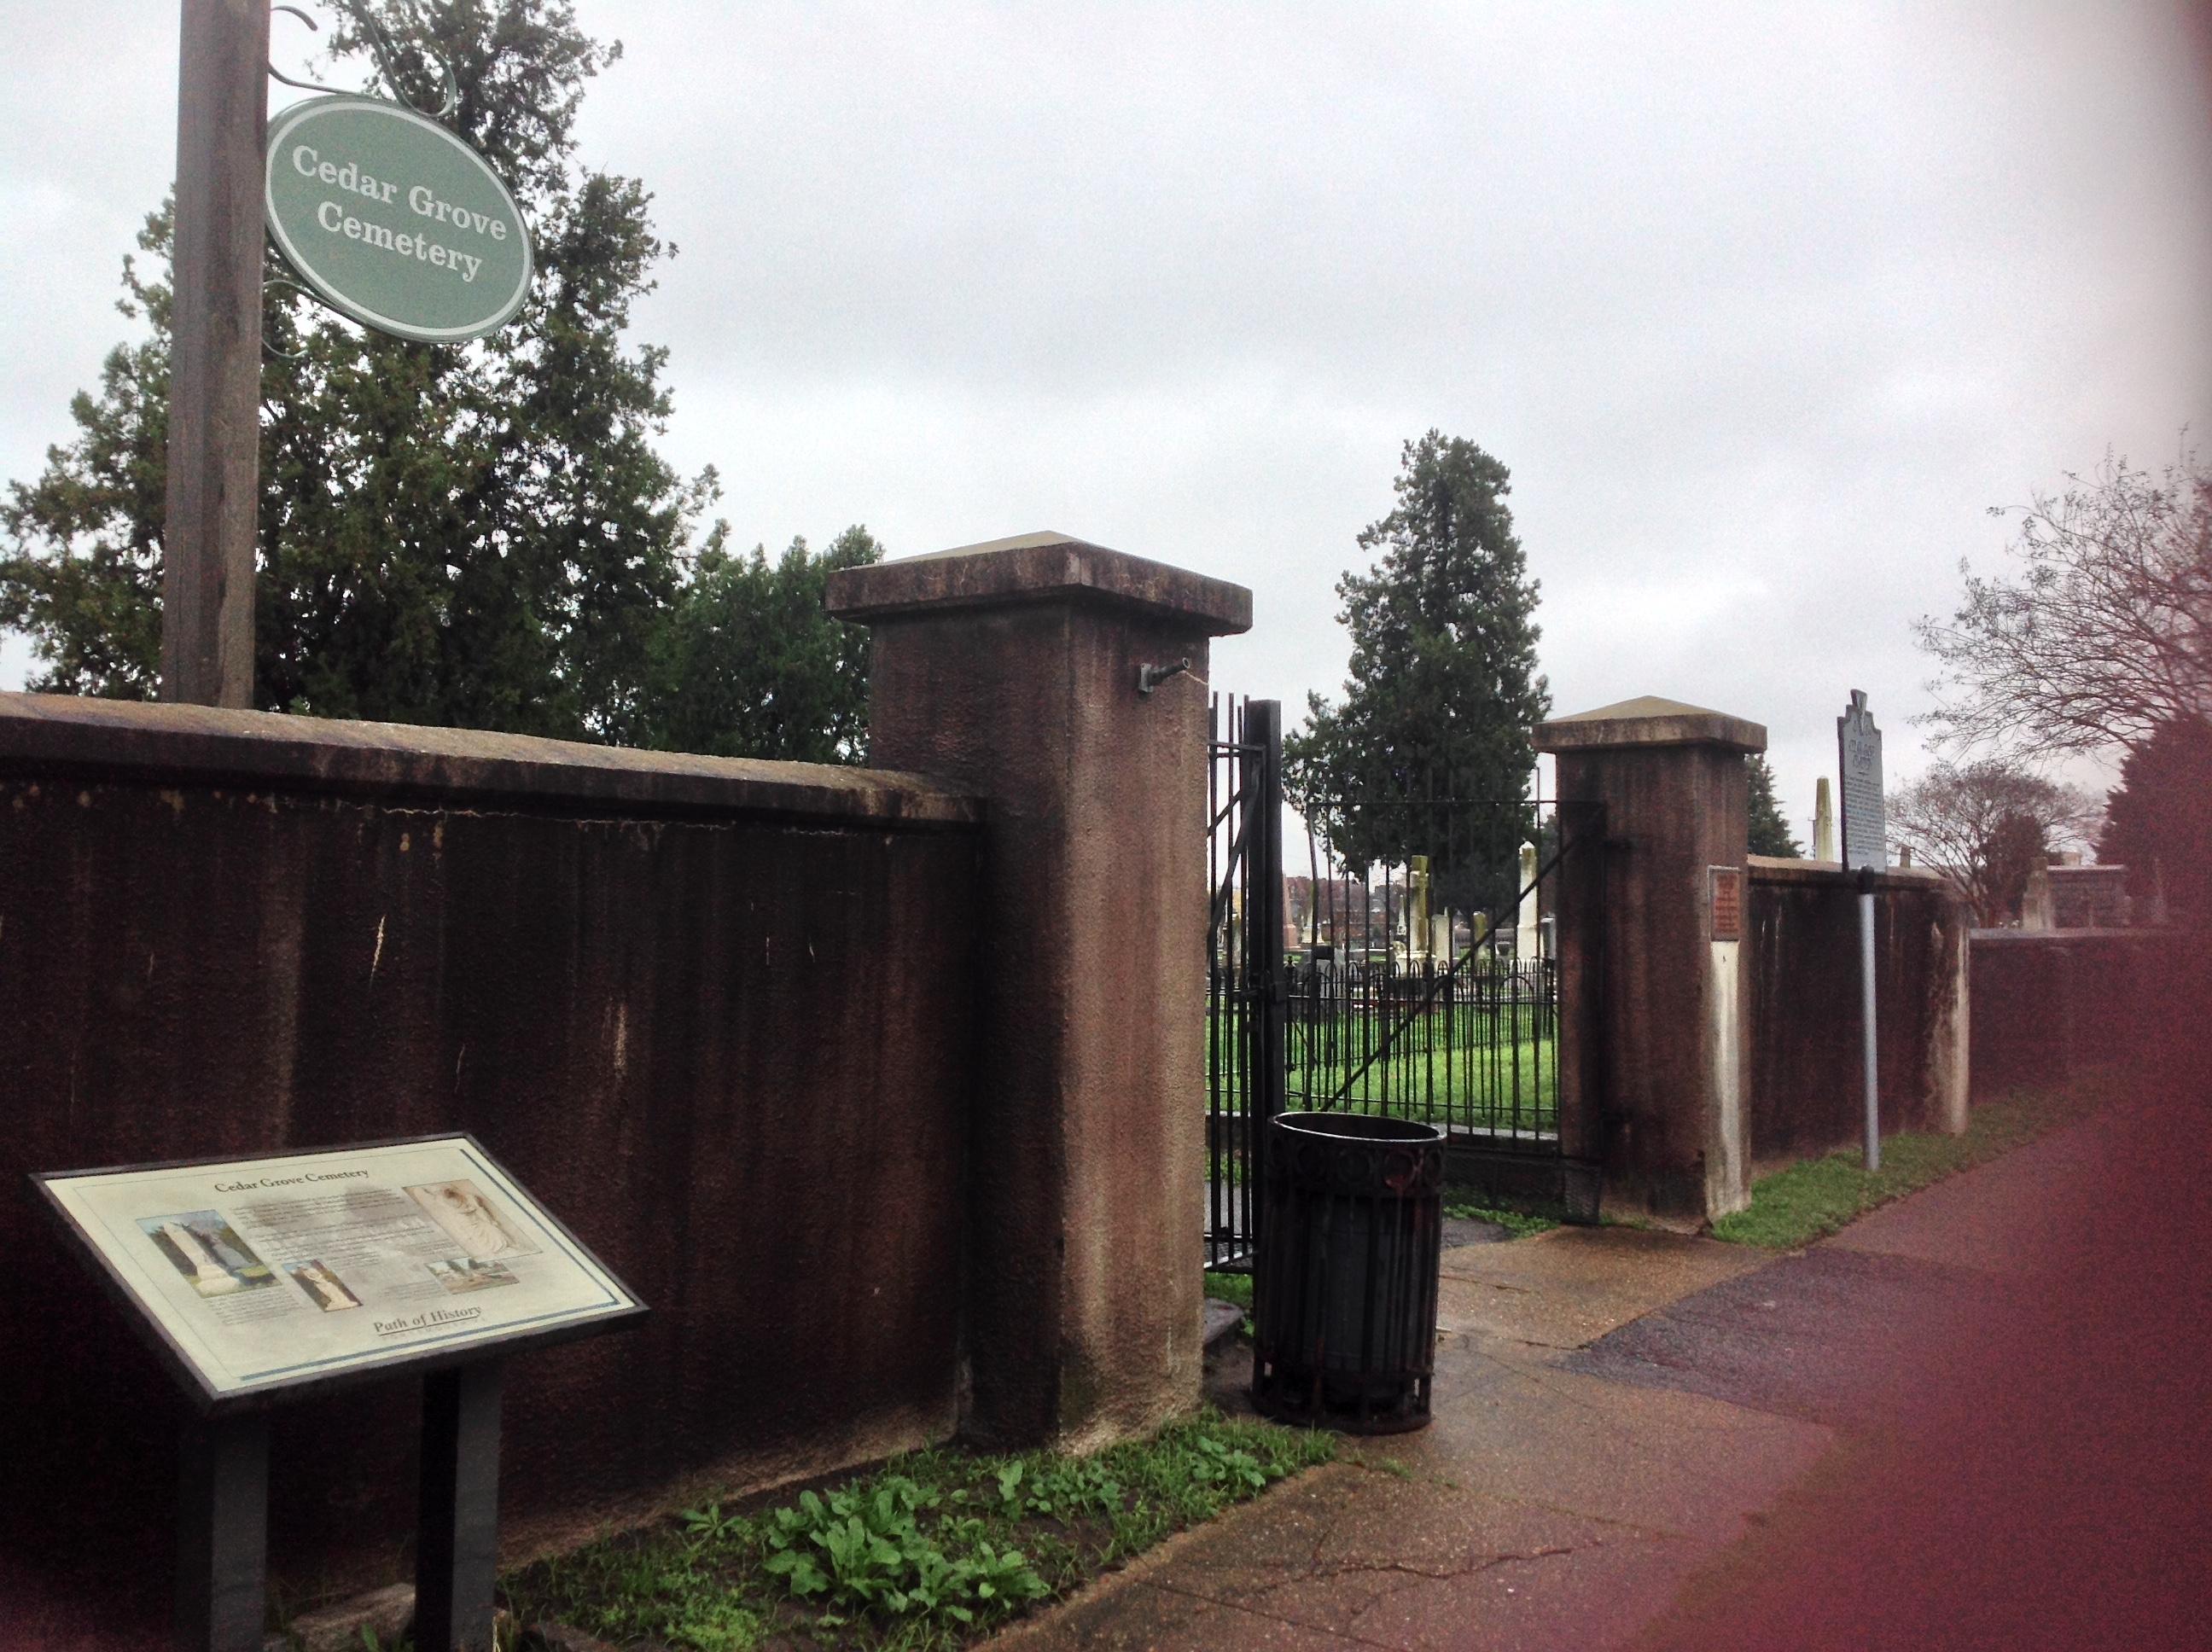 Cedar Grove Cemetery in December 2015